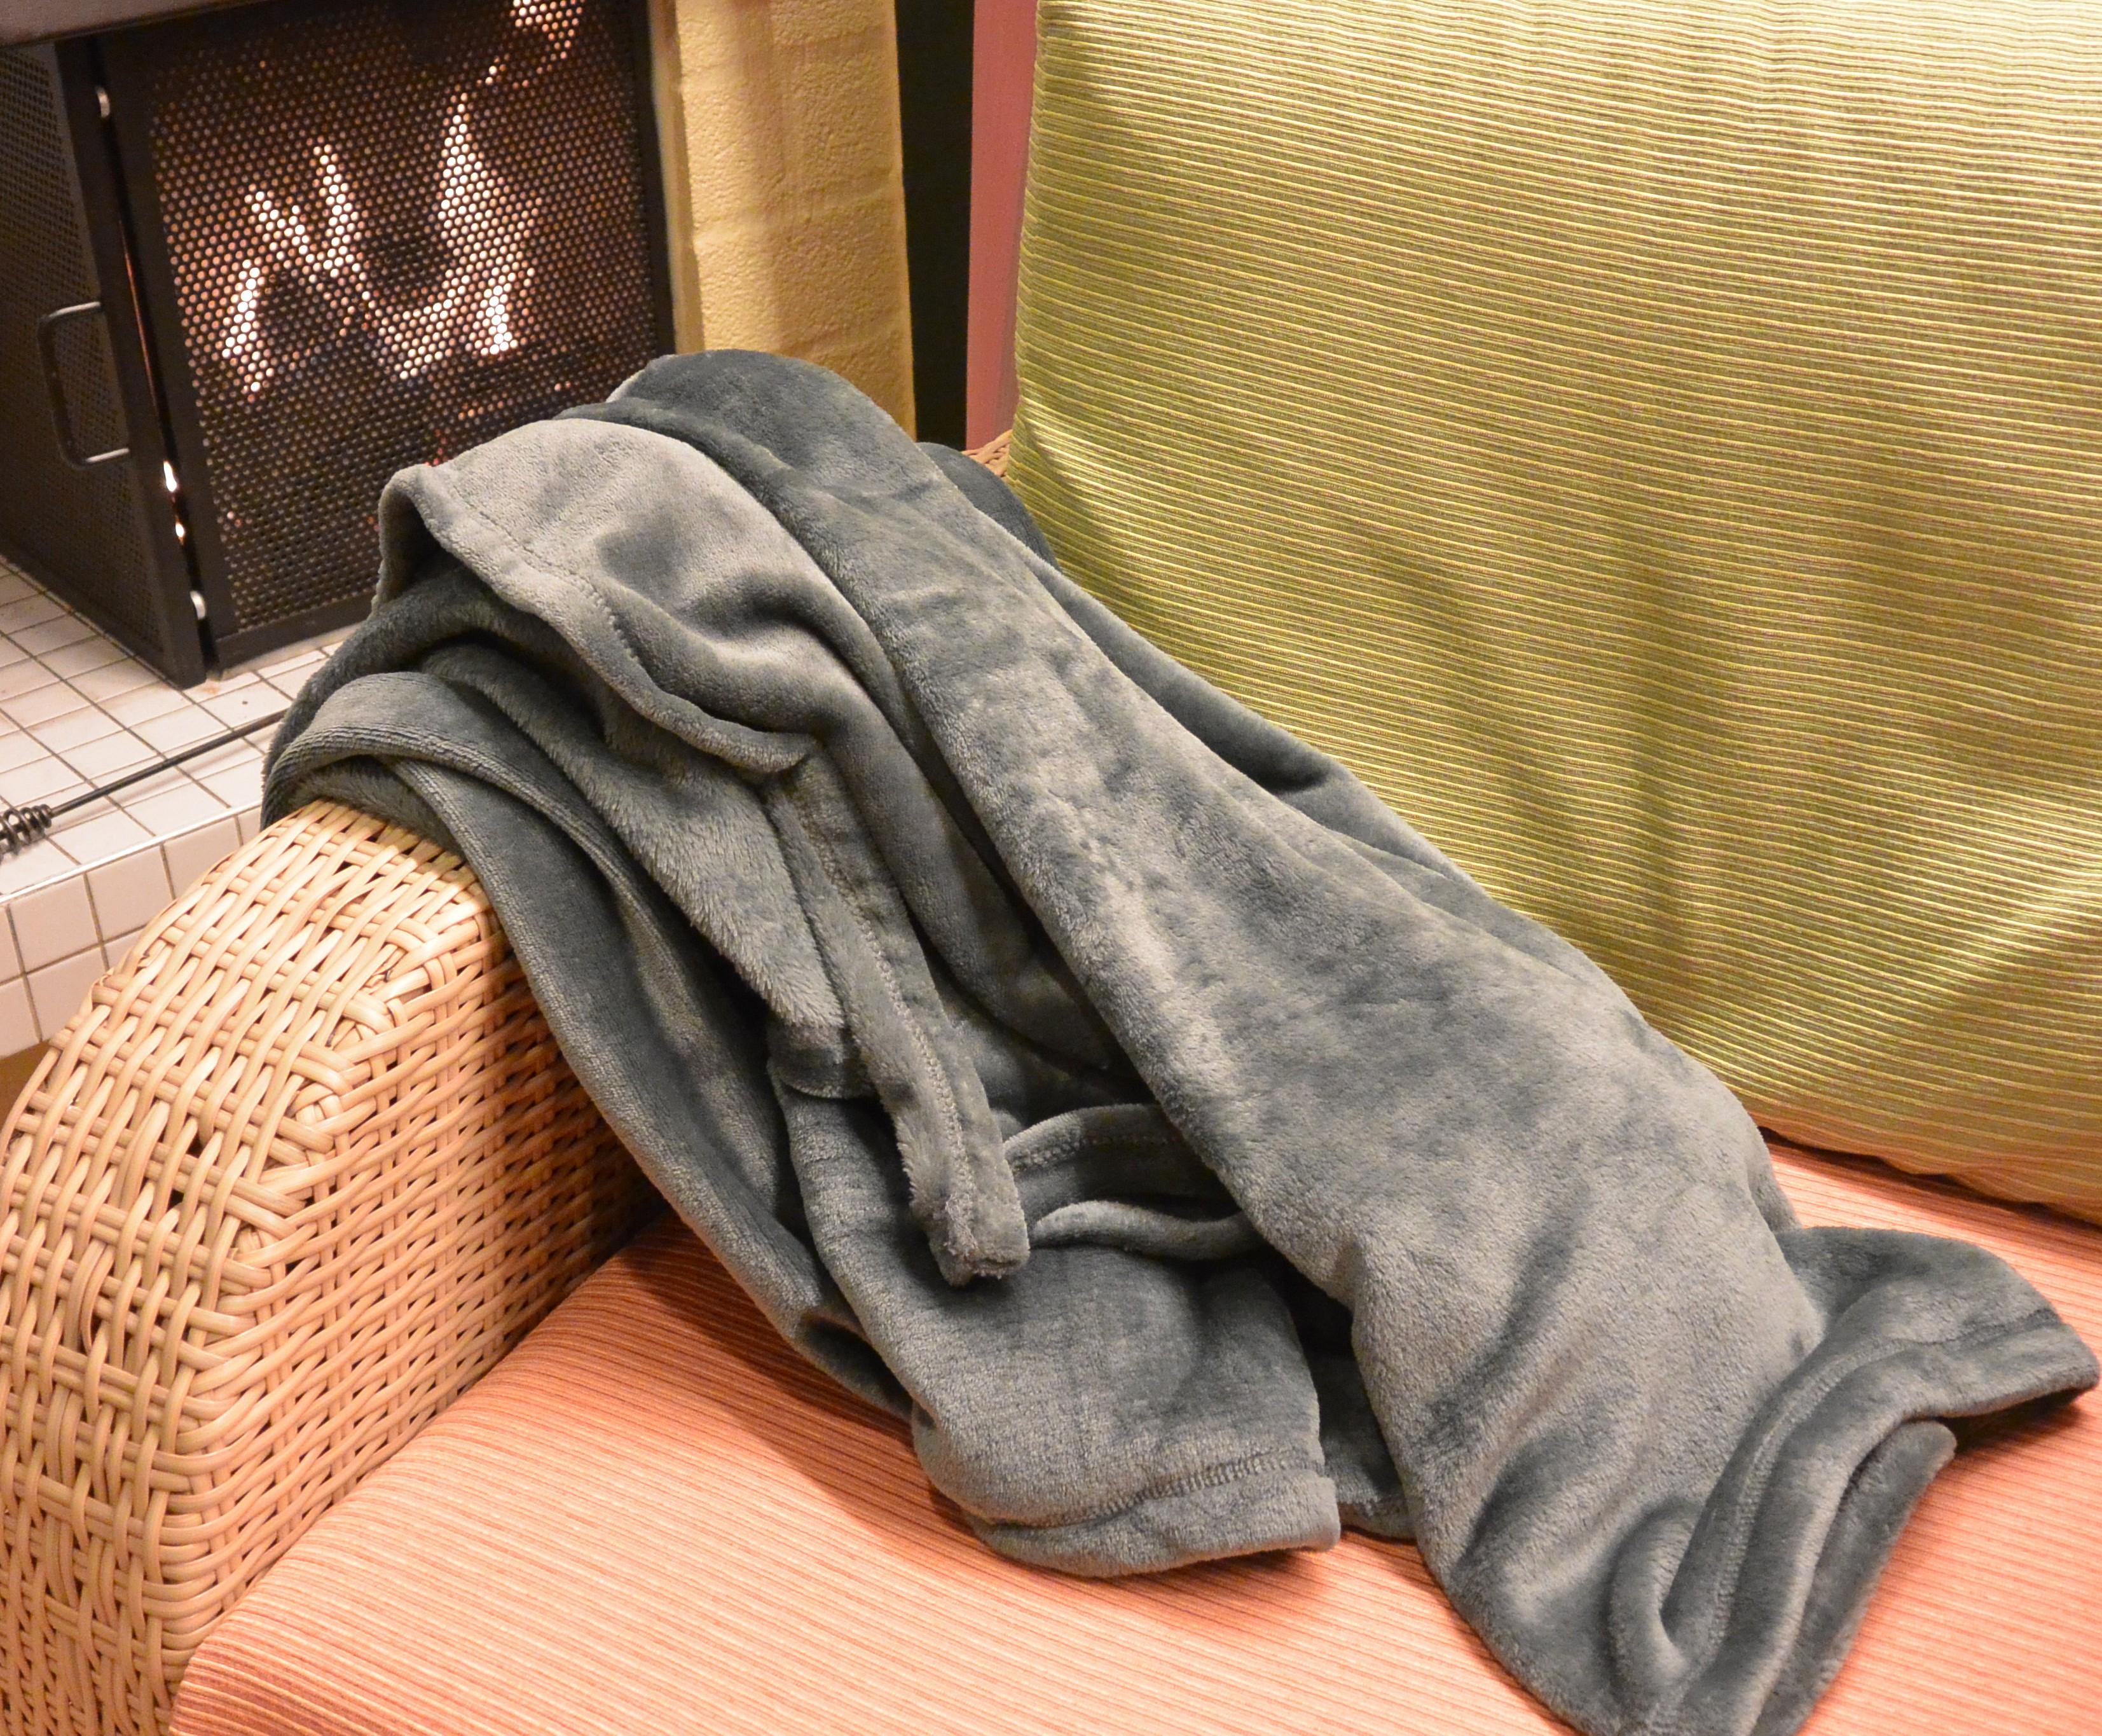 Snuggle Decke Mit ärmeln.Walser Snuggle Kuscheldecke Mit Armeln Und Trotzdem Im Test